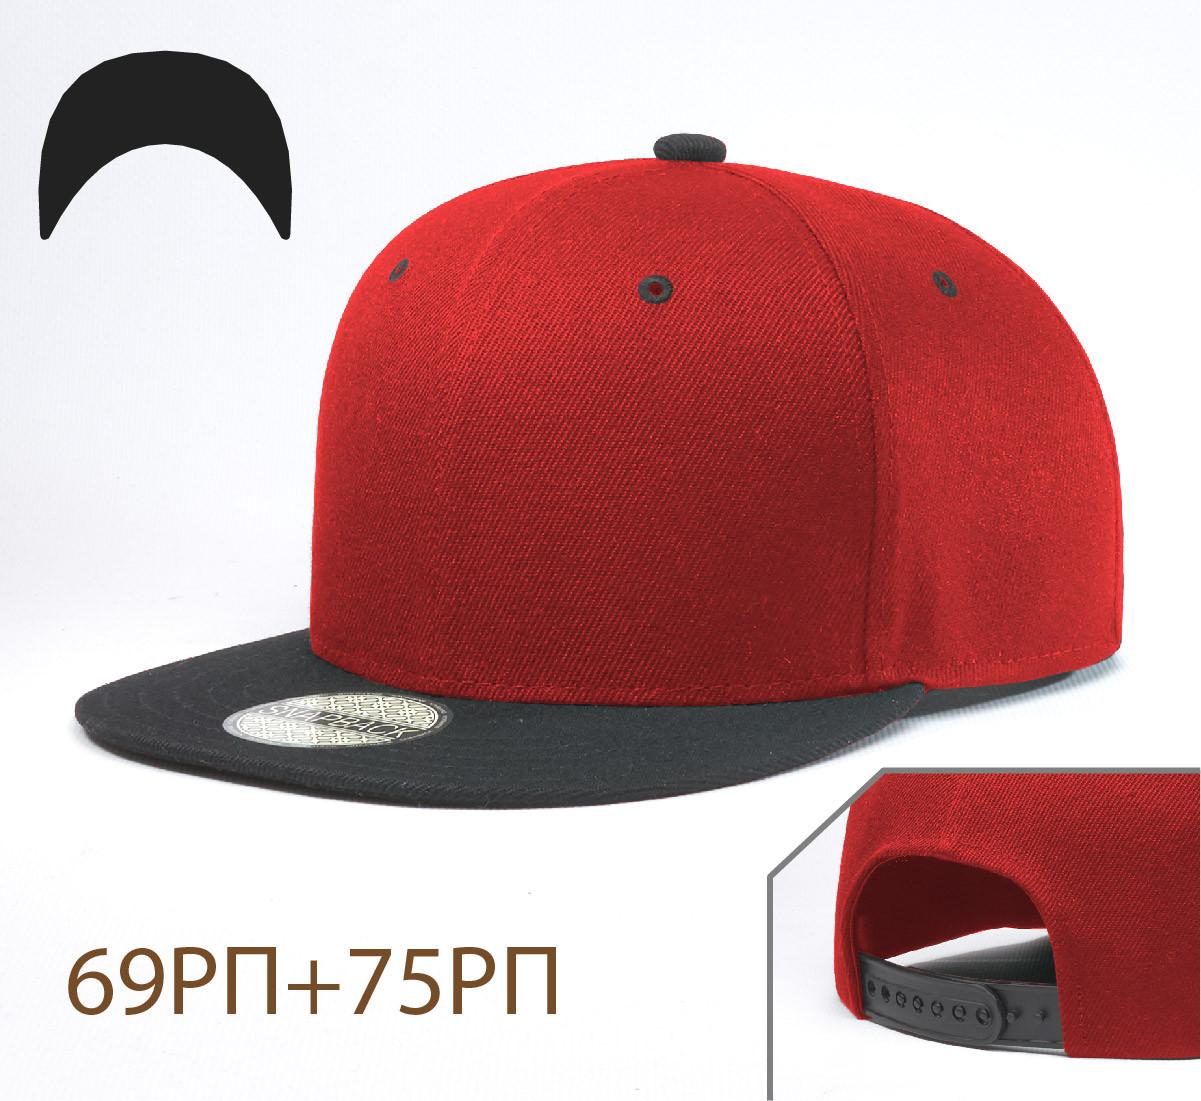 Кепка Снепбек, 6 панелей, L / 57-58 RU, Акрил; Шерсть, Красный, Inal